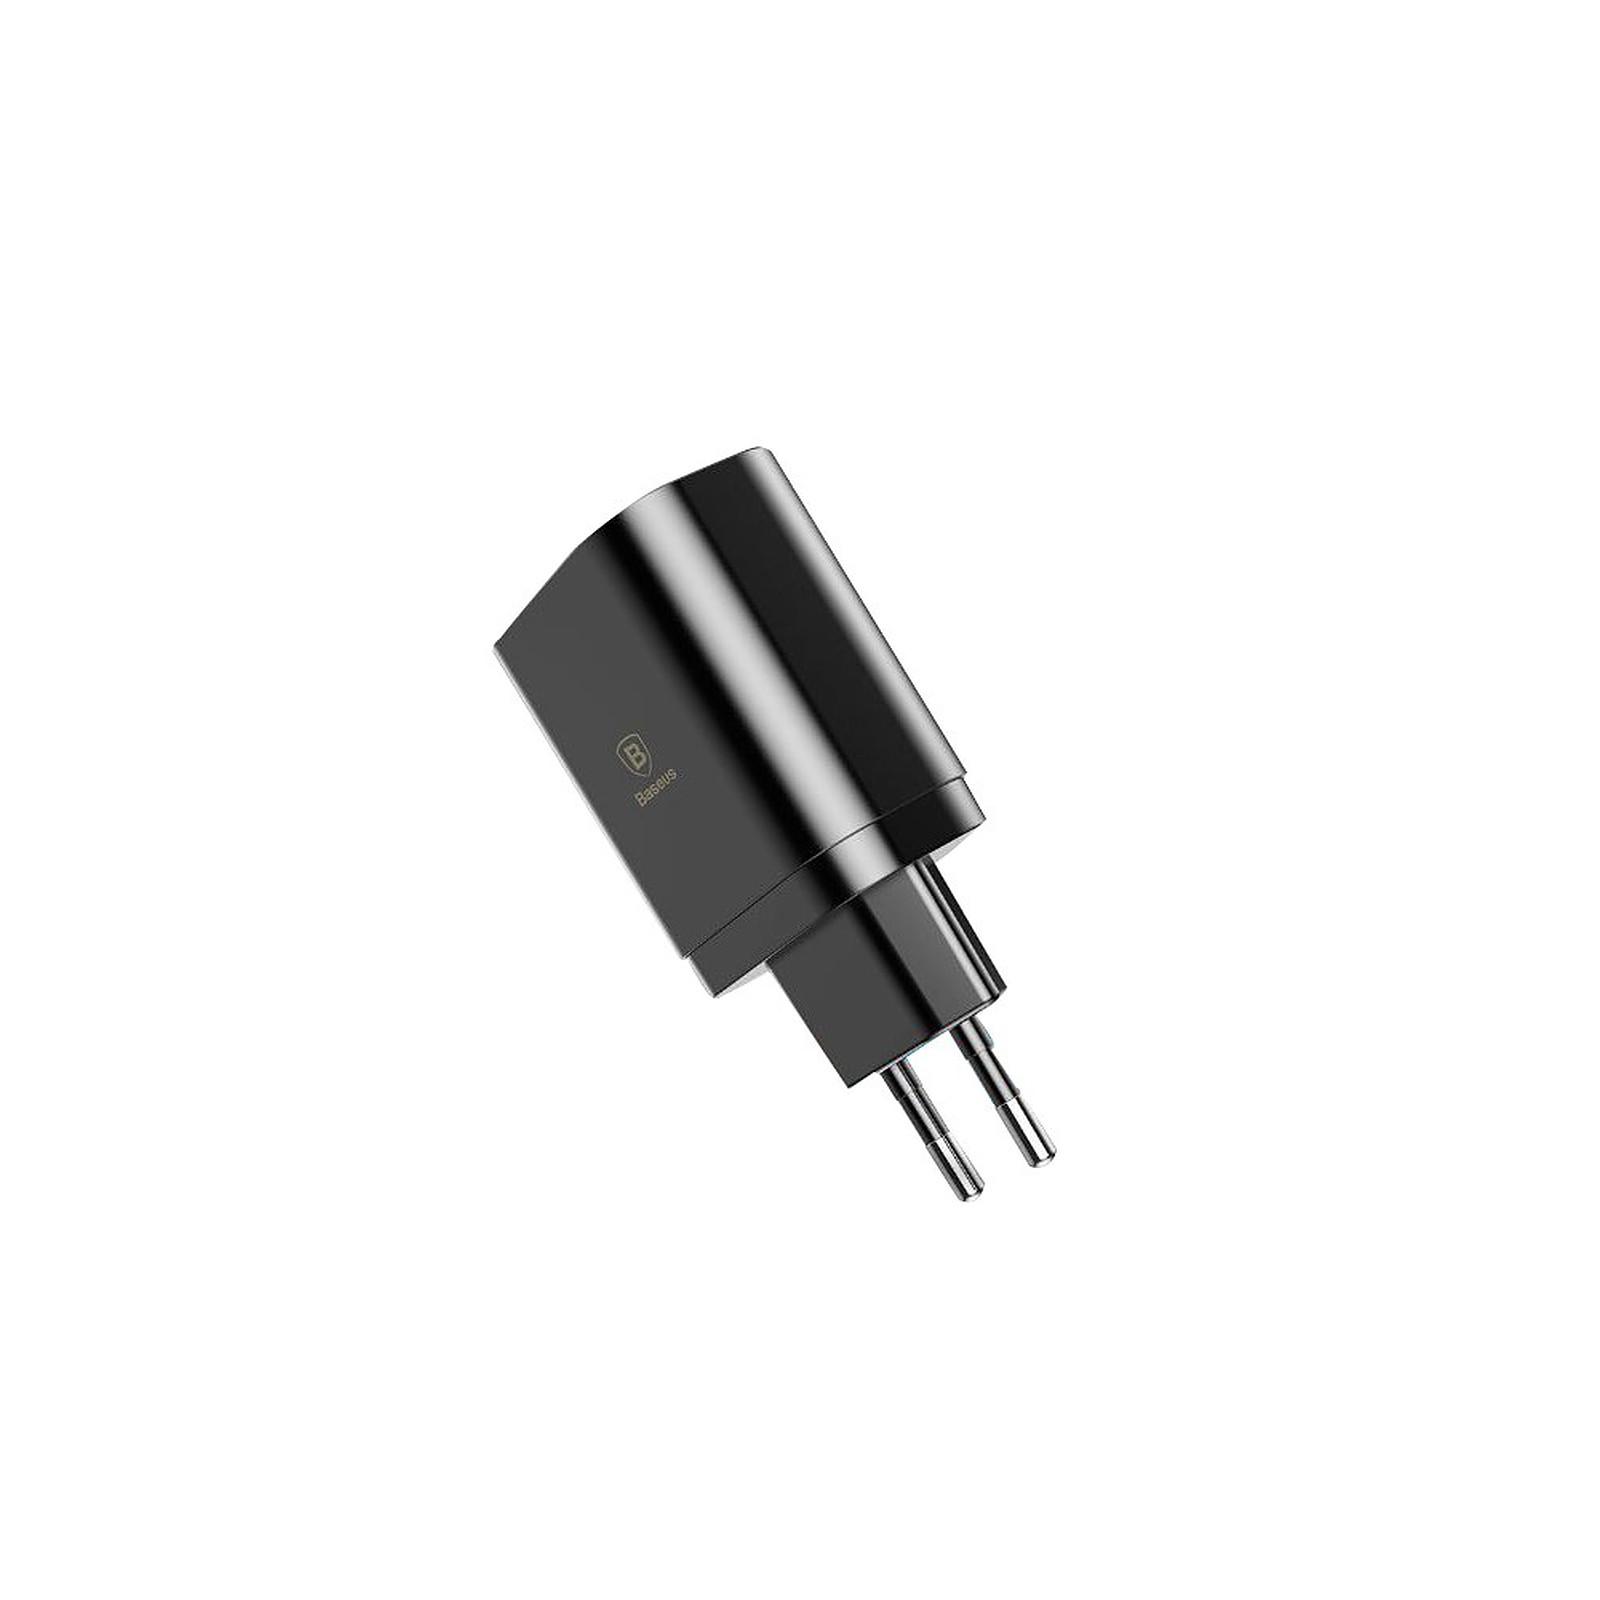 BASEUS Chargeur 3 USB avec Affichage Charge rapide 3.4A Max couleur noir